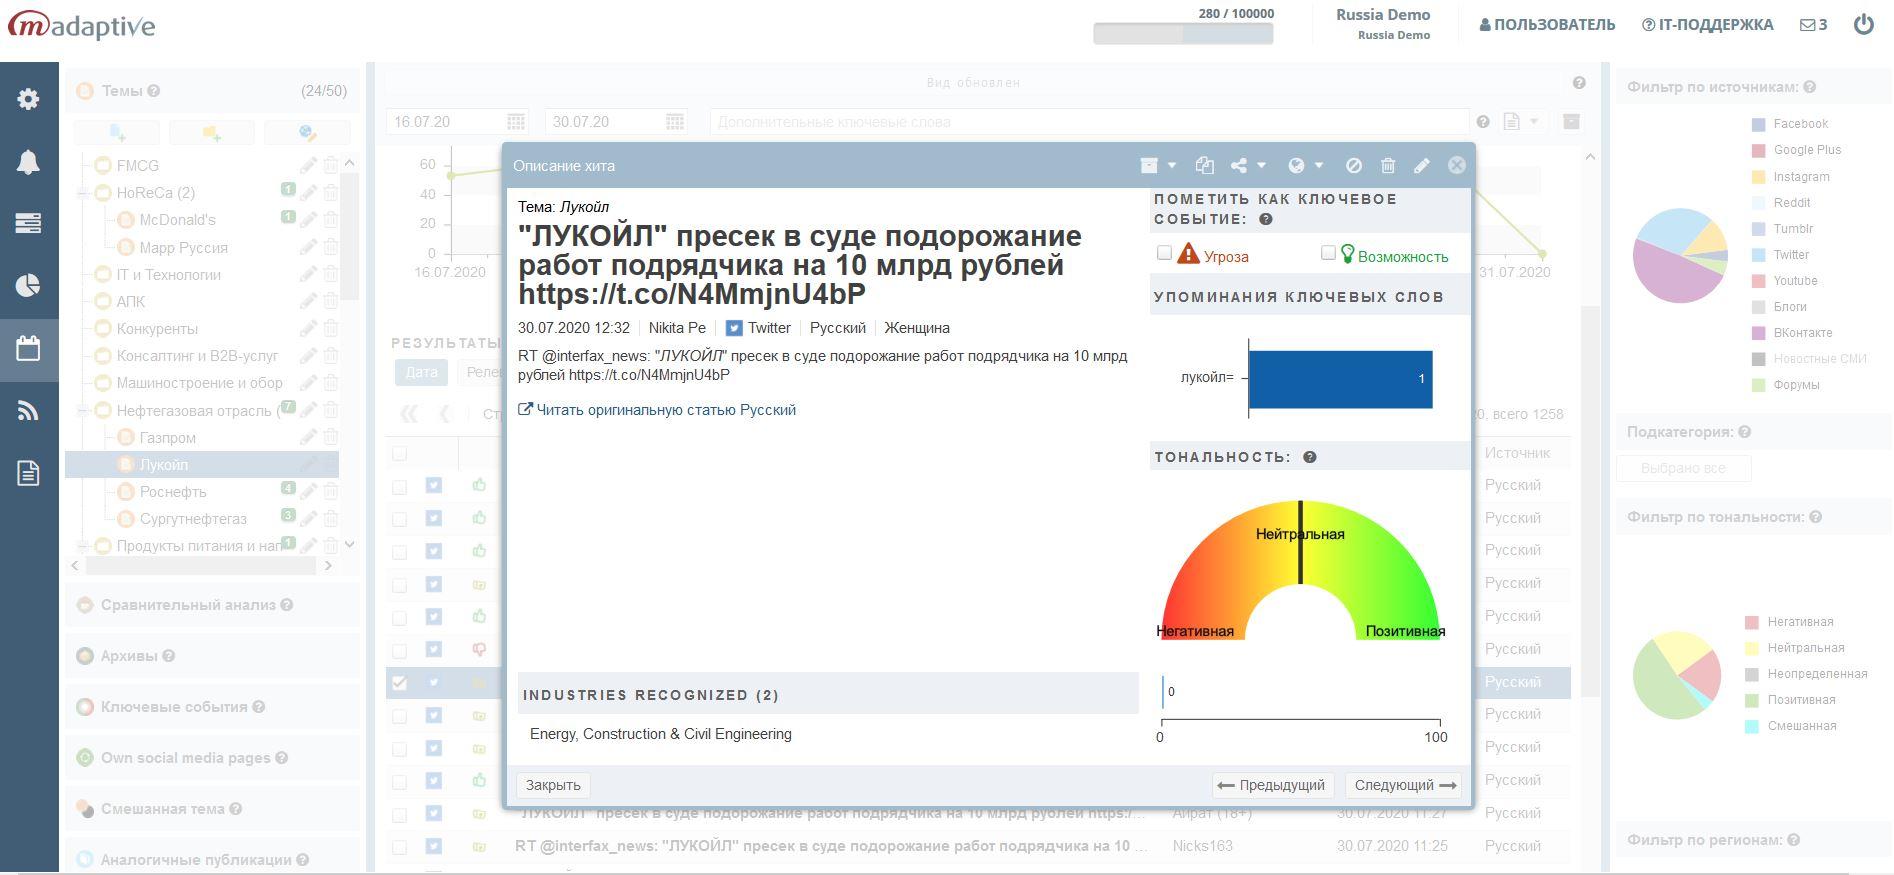 Анализ публикации (поста) в социальной сети в системе мониторинга социальных сетей M-Adaptive от M-Brain